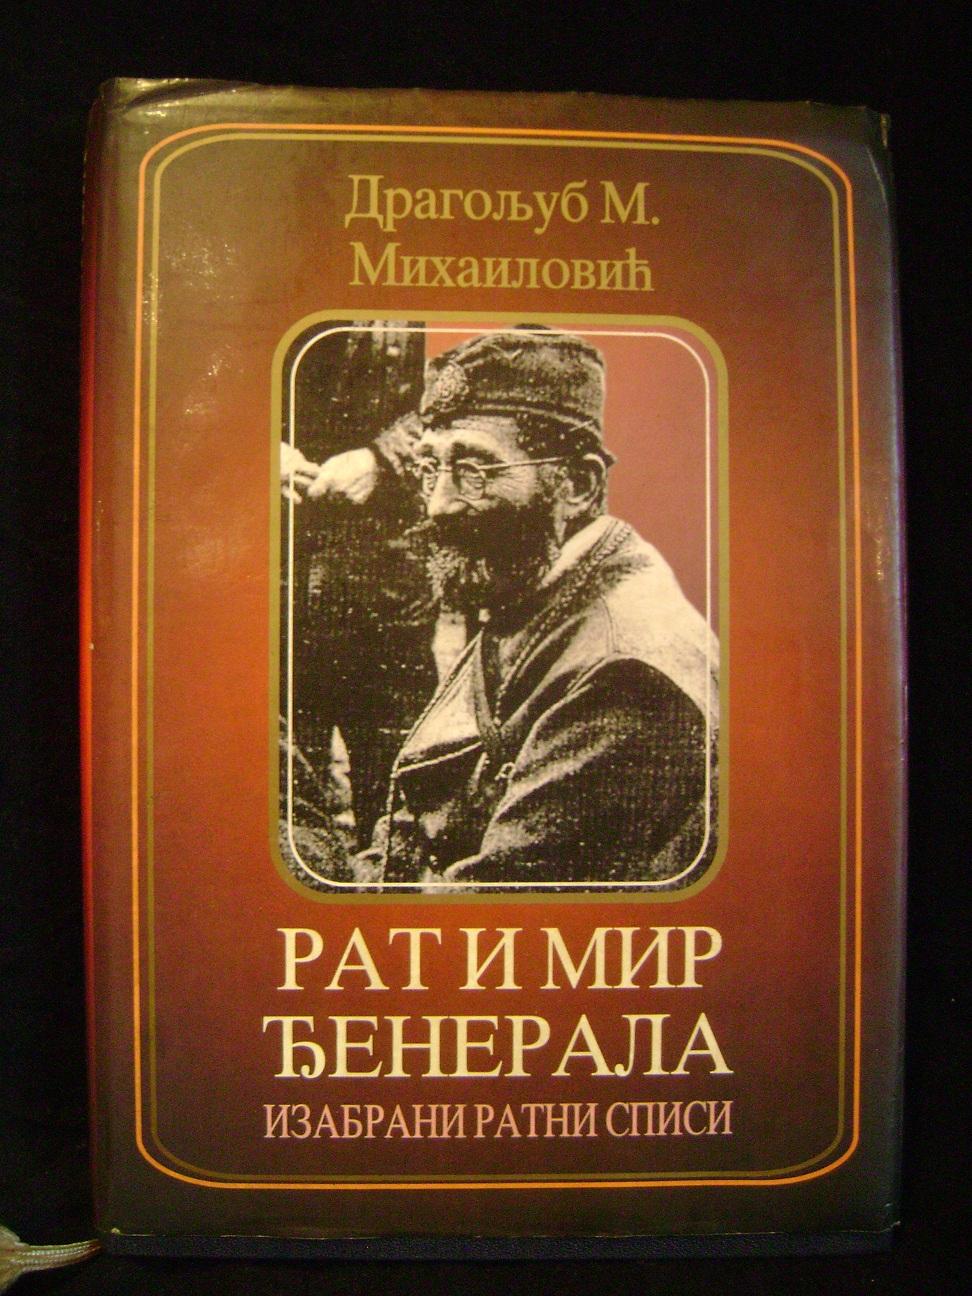 RAT_I_MIR_ĐENERALA_Dragoljub_Mihailović.JPG